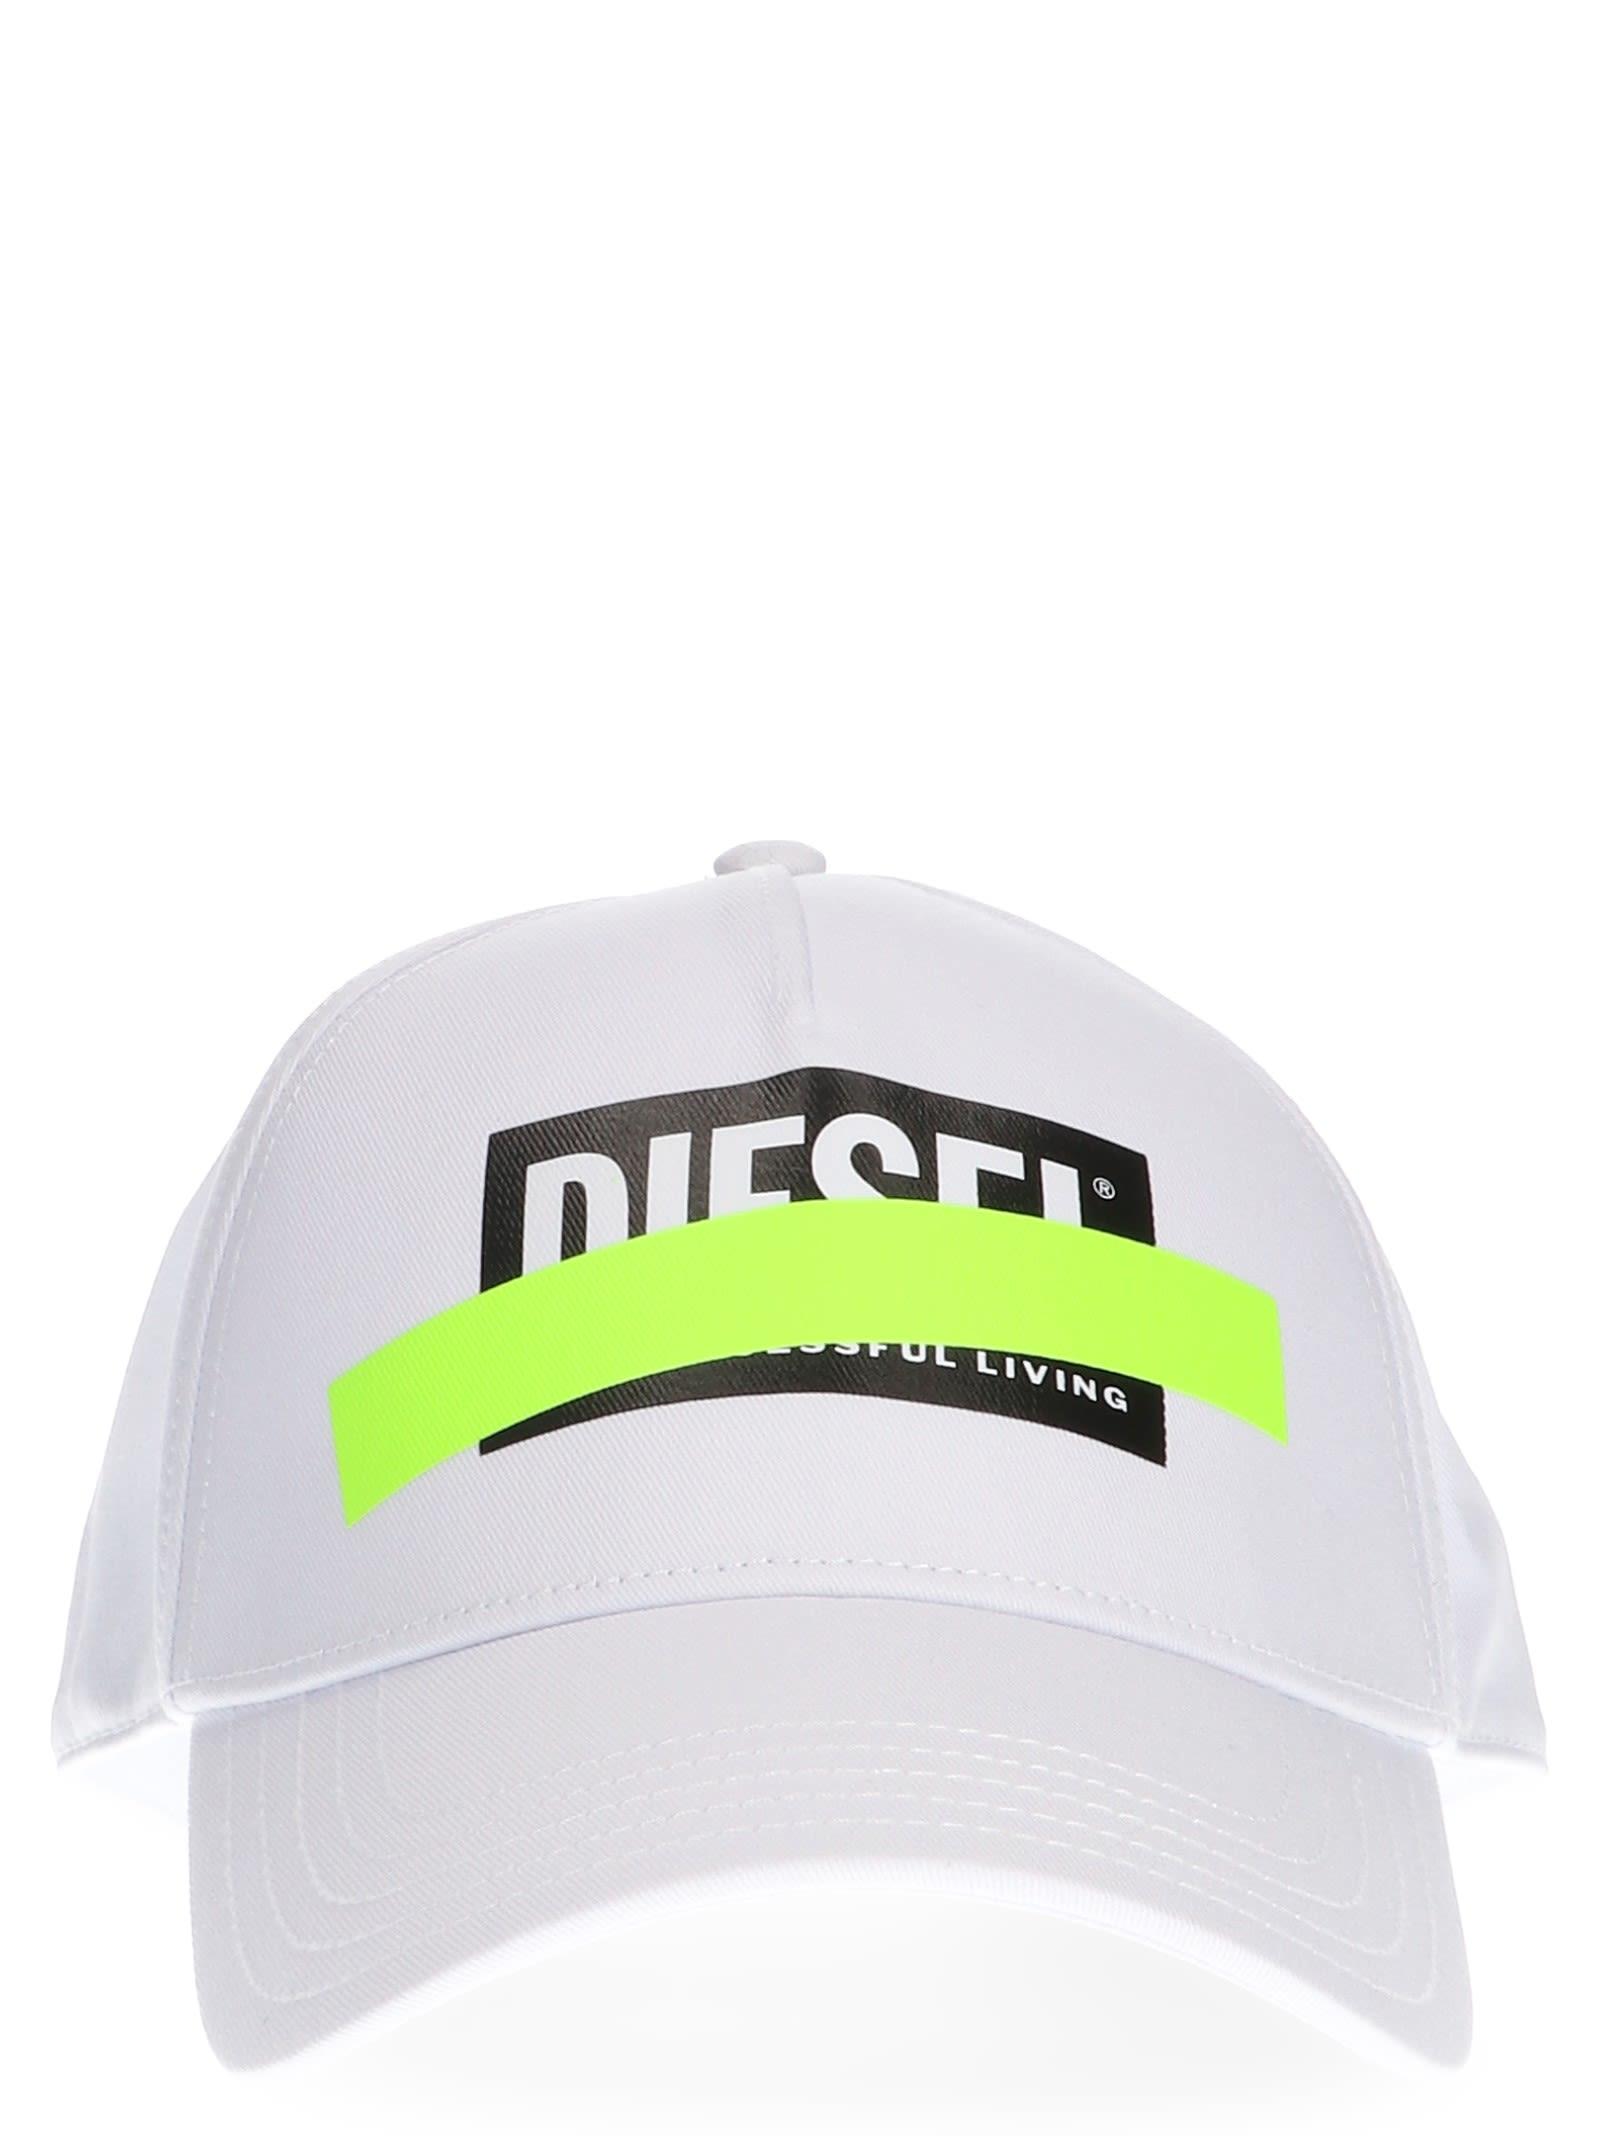 Diesel Diesel  ciride  Cap - White - 10804663  2431e54a8968